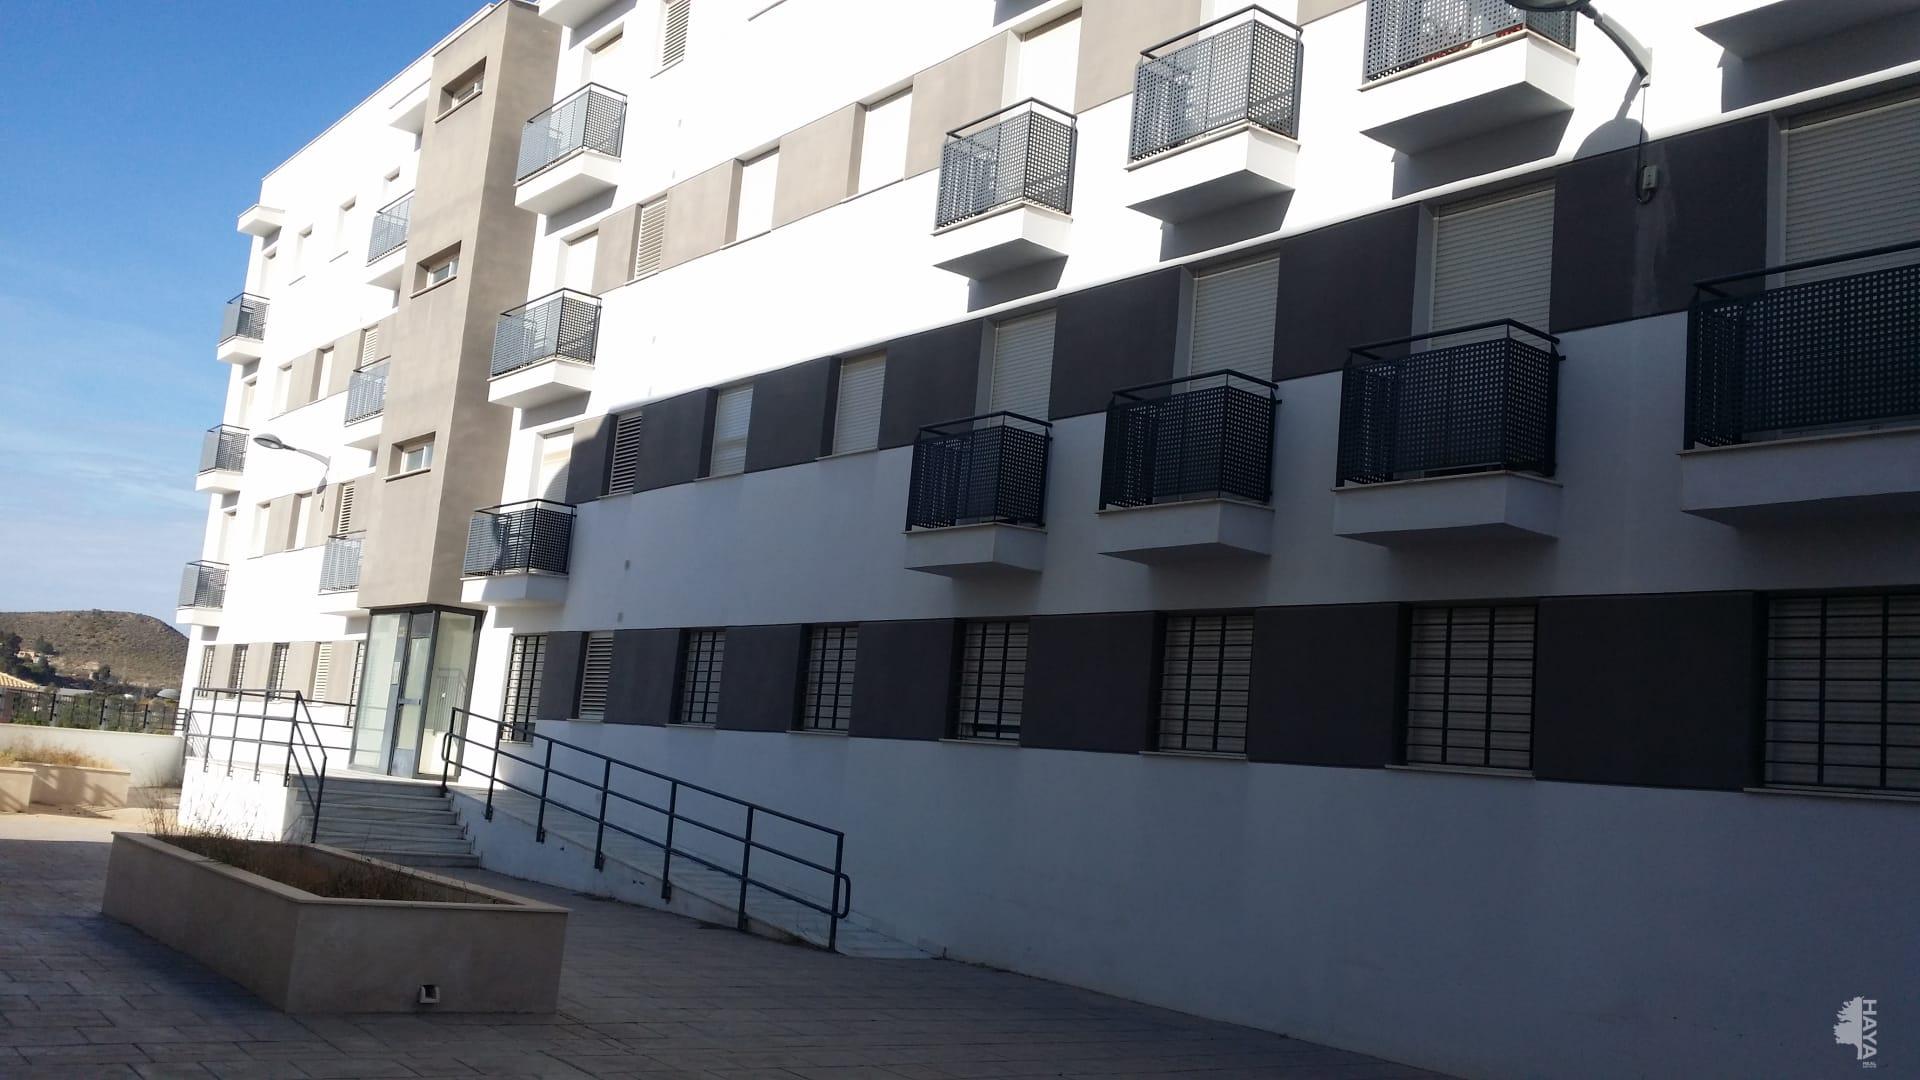 Piso en venta en Huitar Mayor, Olula del Río, Almería, Calle Alta, 71.000 €, 3 habitaciones, 1 baño, 101 m2